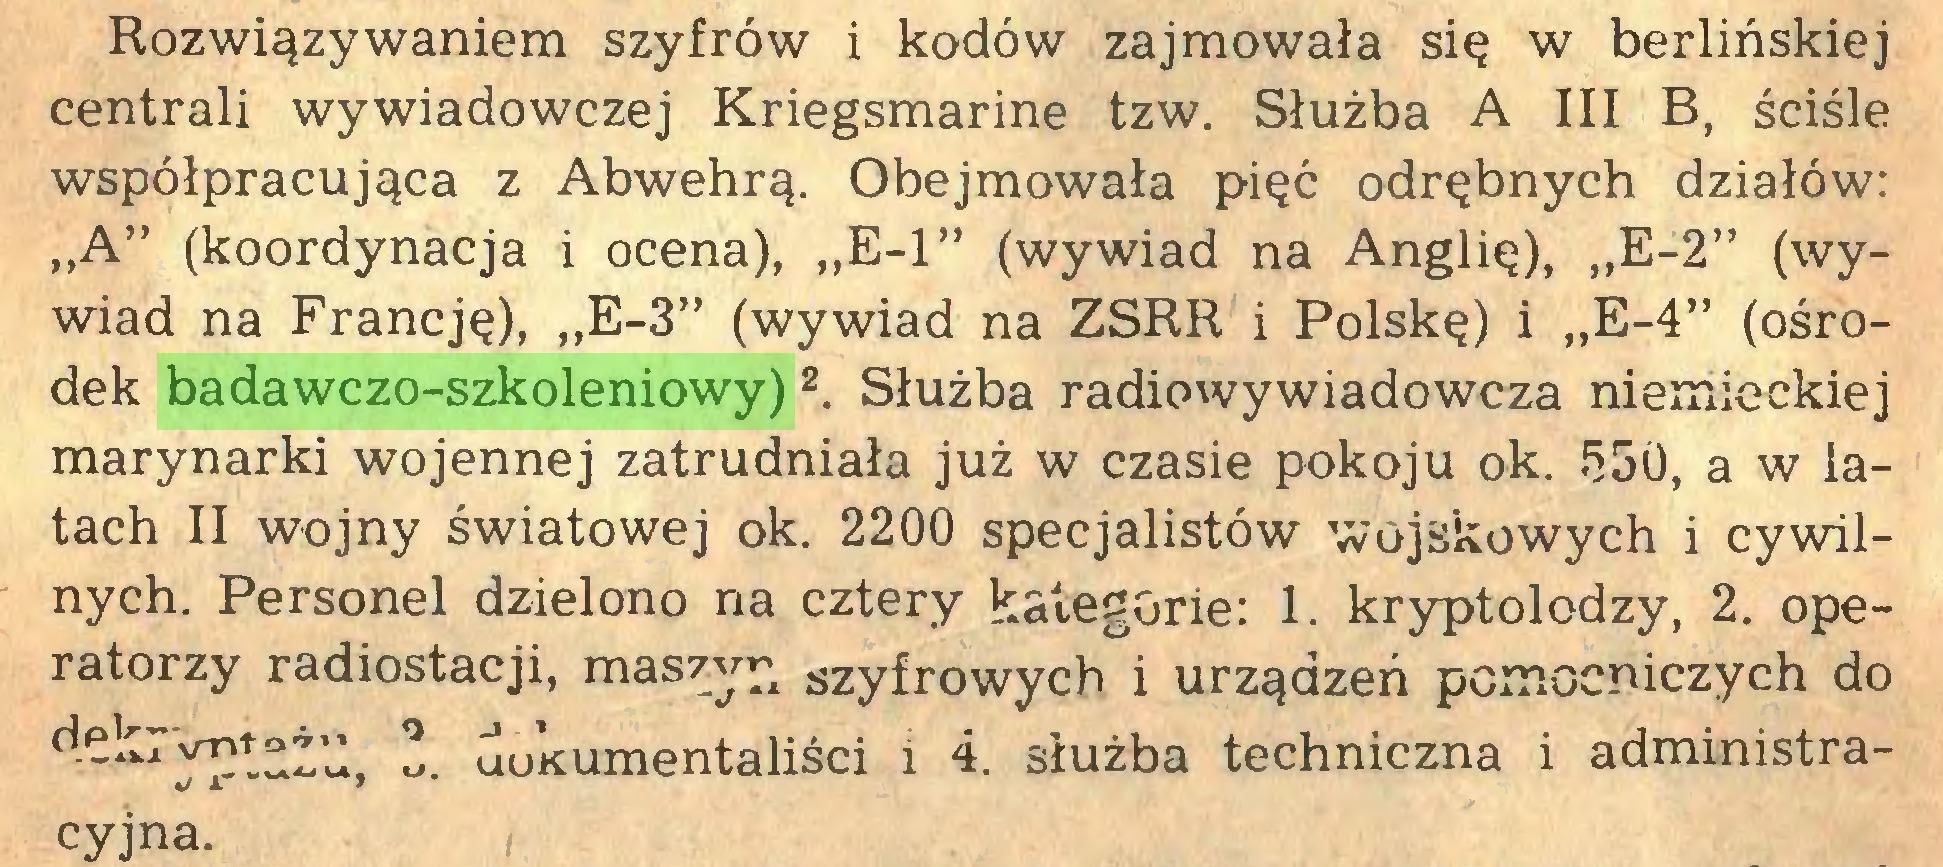 """(...) Rozwiązywaniem szyfrów i kodów zajmowała się w berlińskiej centrali wywiadowczej Kriegsmarine tzw. Służba A III B, ściśle współpracująca z Abwehrą. Obejmowała pięć odrębnych działów: """"A"""" (koordynacja i ocena), """"E-l"""" (wywiad na Anglię), """"E-2"""" (wywiad na Francję), """"E-3"""" (wywiad na ZSRR i Polskę) i """"E-4"""" (ośrodek badawczo-szkoleniowy) 2. Służba radiowywiadowcza niemieckiej marynarki wojennej zatrudniała już w czasie pokoju ok. 550, a w latach II wojny światowej ok. 2200 specjalistów wojskowych i cywilnych. Personel dzielono na cztery kategorie: 1. kryptolodzy, 2. operatorzy radiostacji, maszyn szyfrowych i urządzeń pomocniczych do uuKumentaliści i 4. służba techniczna i administracyjna..."""